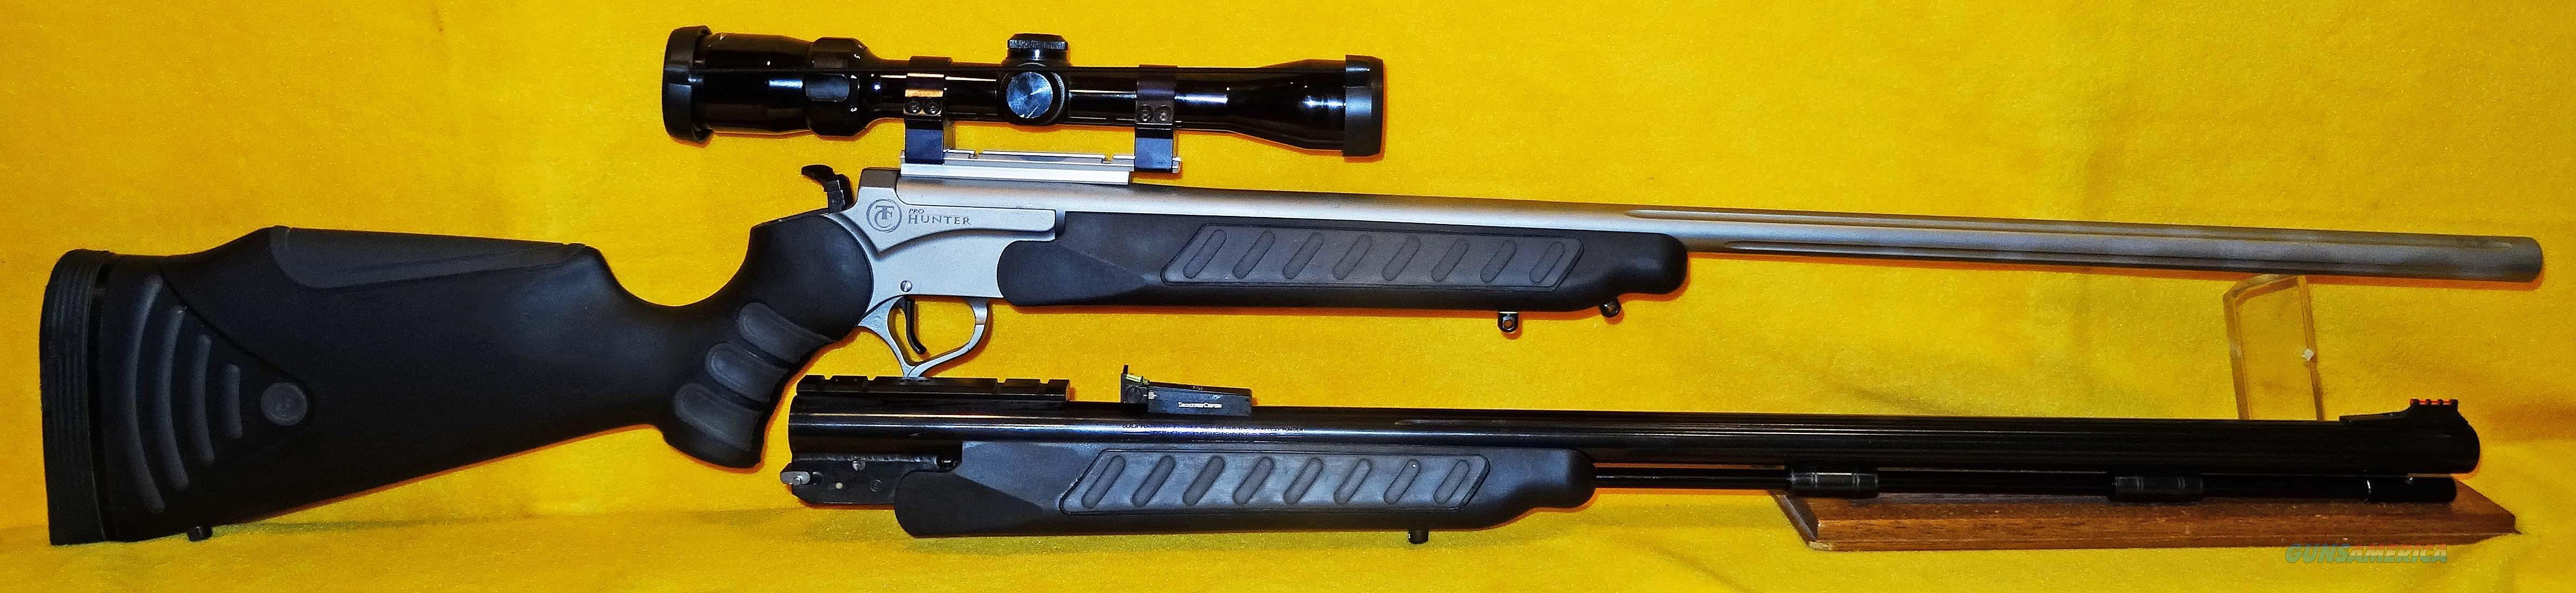 THOMPSON CENTER ENCORE PRO HUNTER  Guns > Rifles > Thompson Center Rifles > Pro Hunter